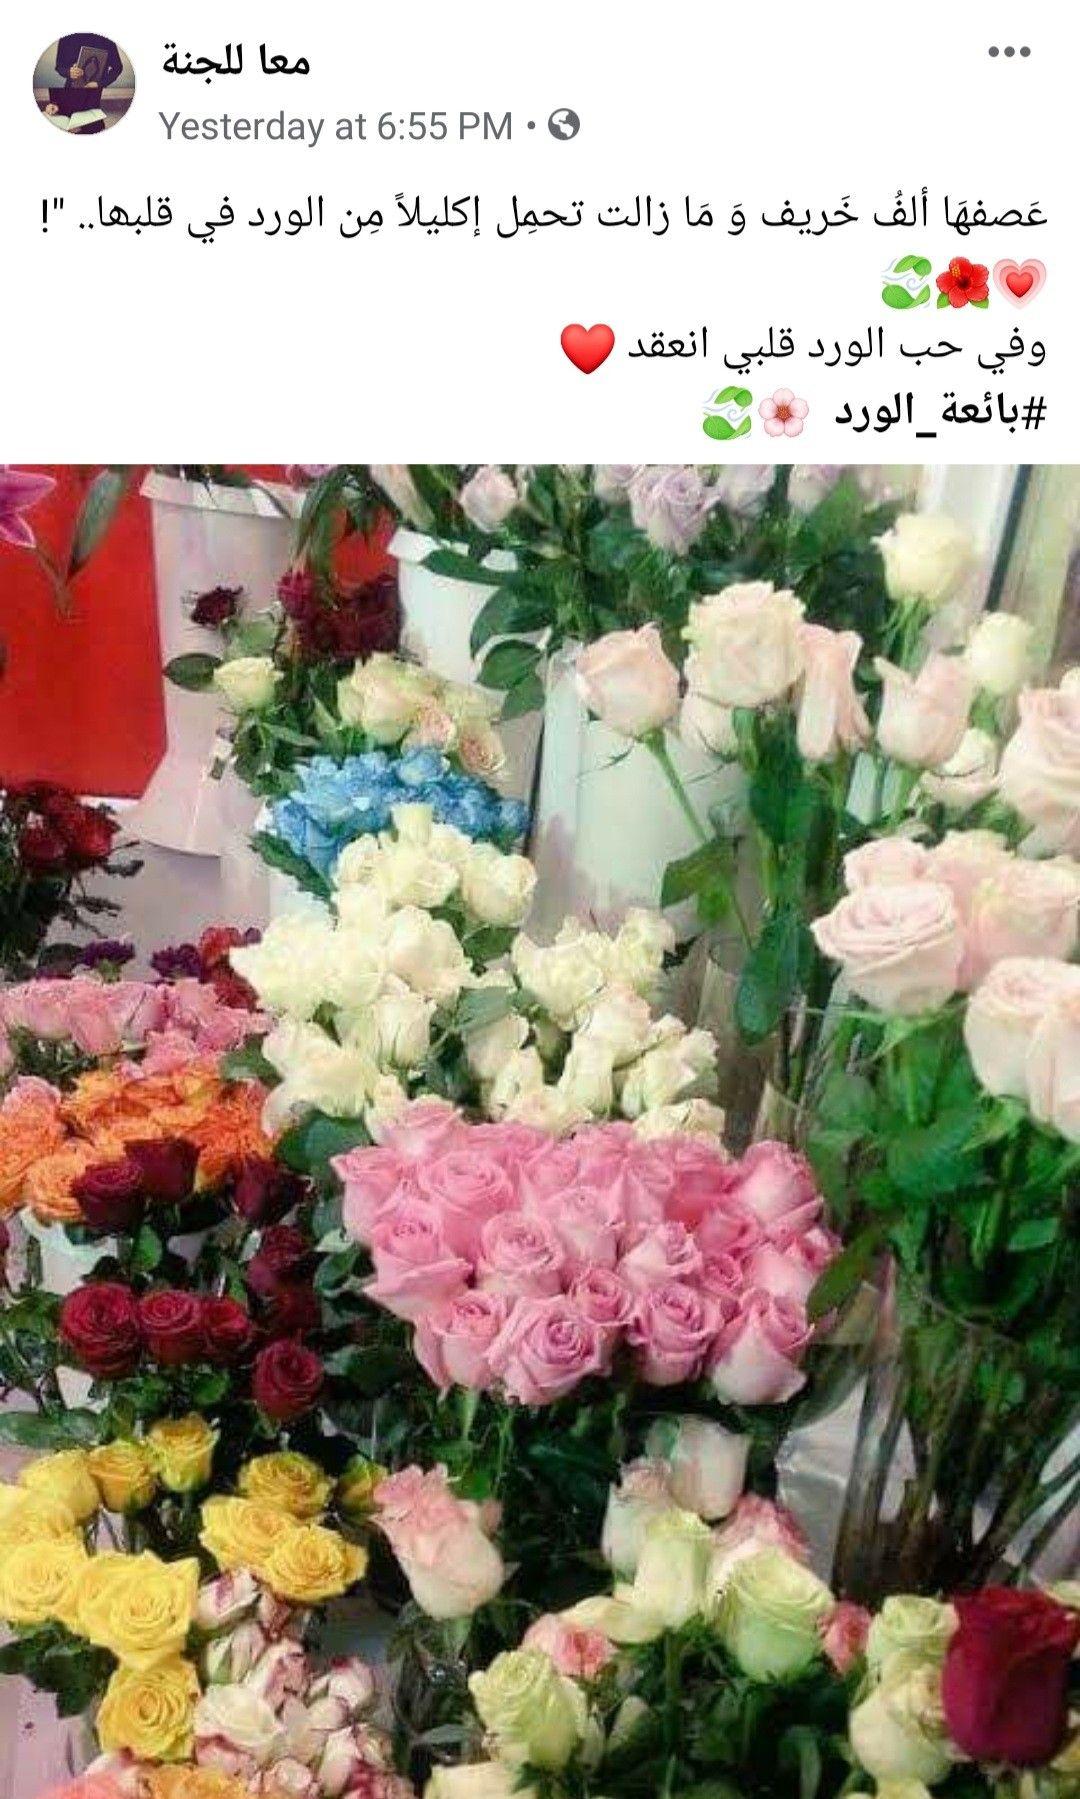 ع صفه ا ألف خ ريف و م ا زالت تحم ل إكليلا م ن الورد في قلبھا وفي حب الورد قلبي انعقد بائعة الورد Floral Wreath Floral Beautiful Moments